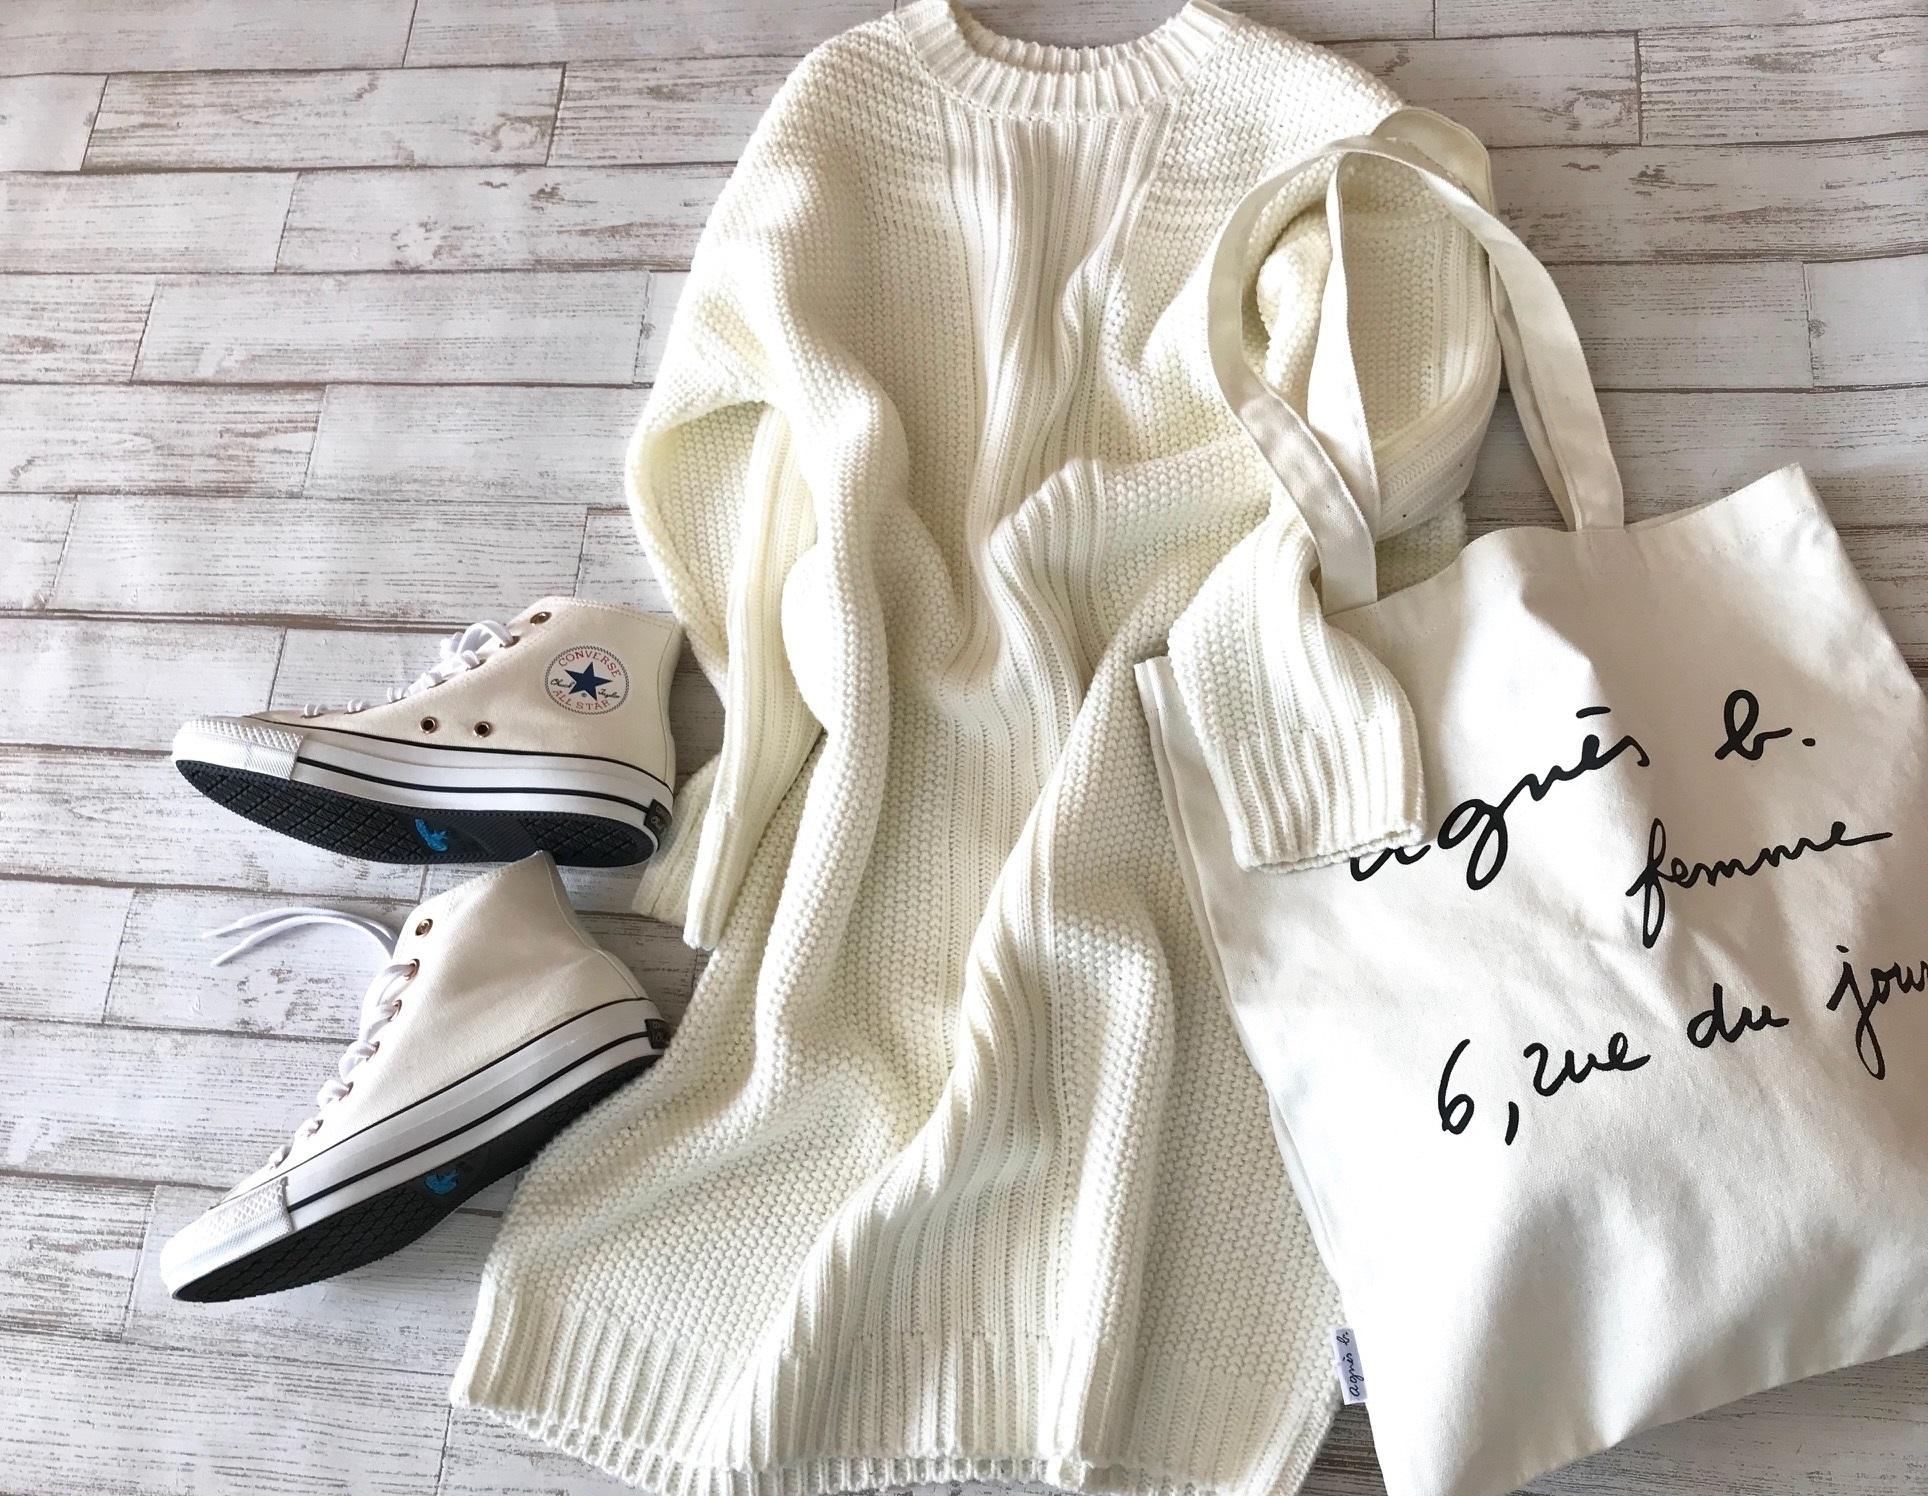 白コンバースのハイカットスニーカー×白のニットワンピースのファッションコーデ